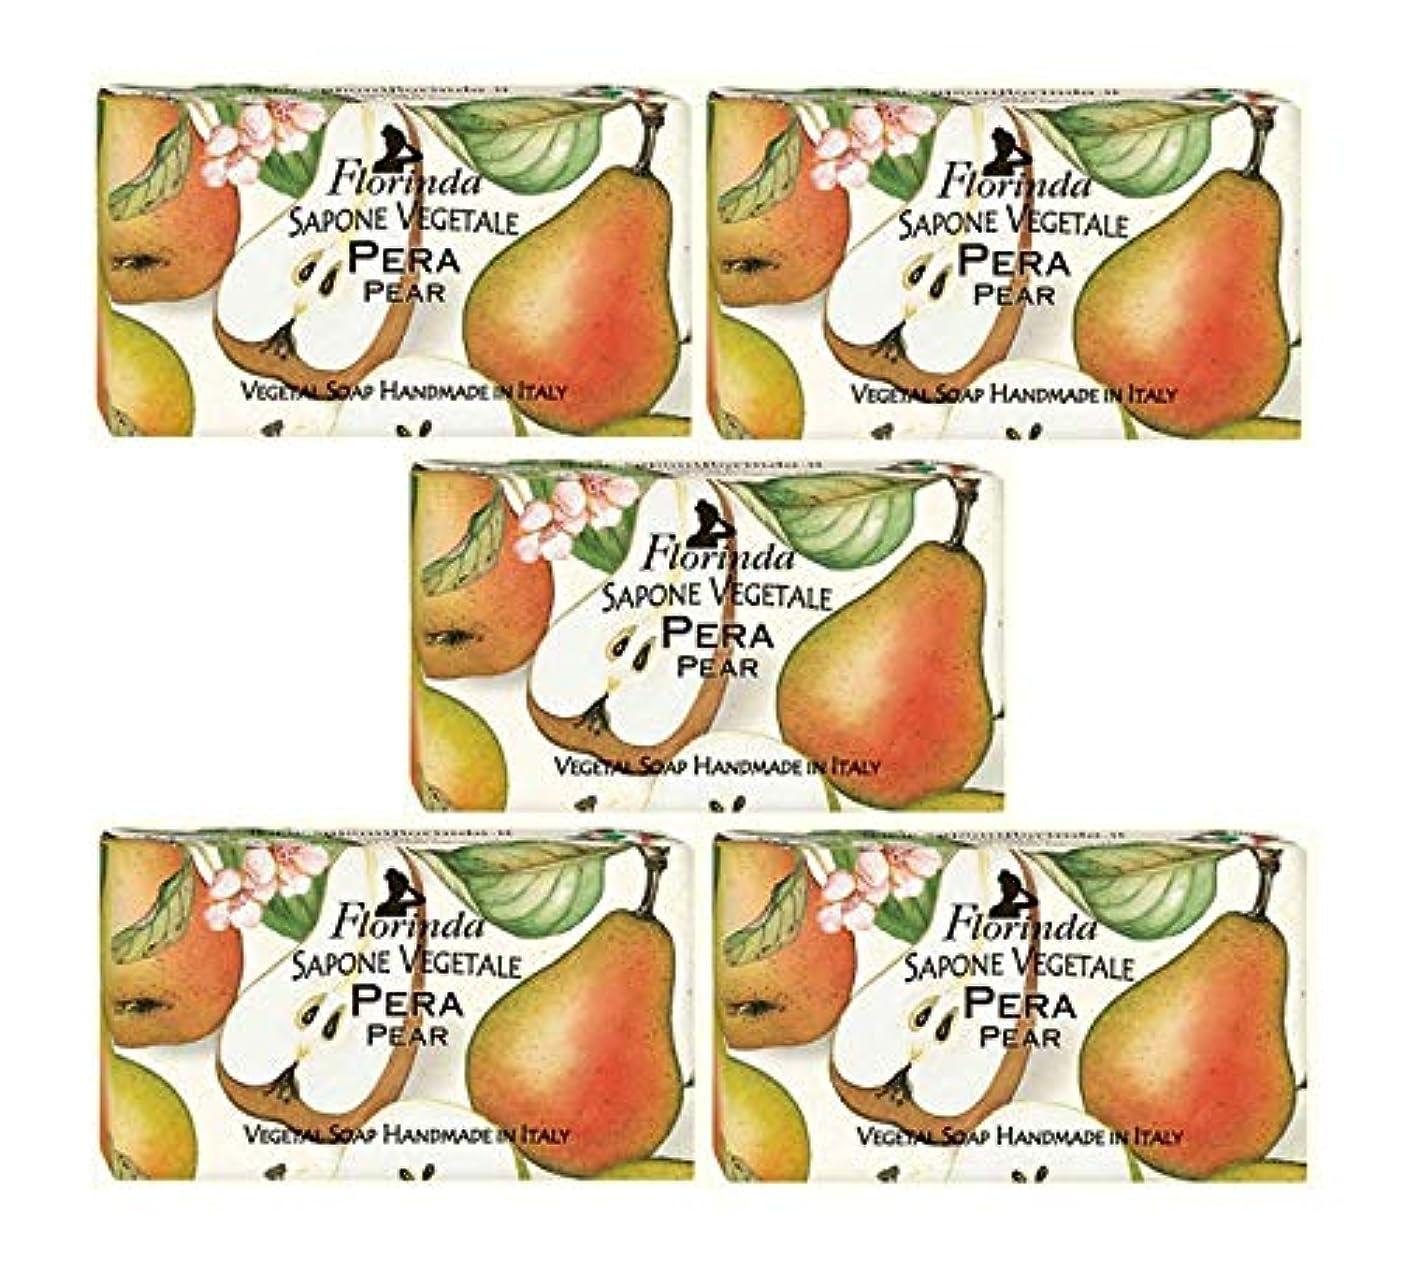 泥沼まとめるブレークフロリンダ フレグランスソープ 固形石けん フルーツの香り ペア 95g×5個セット